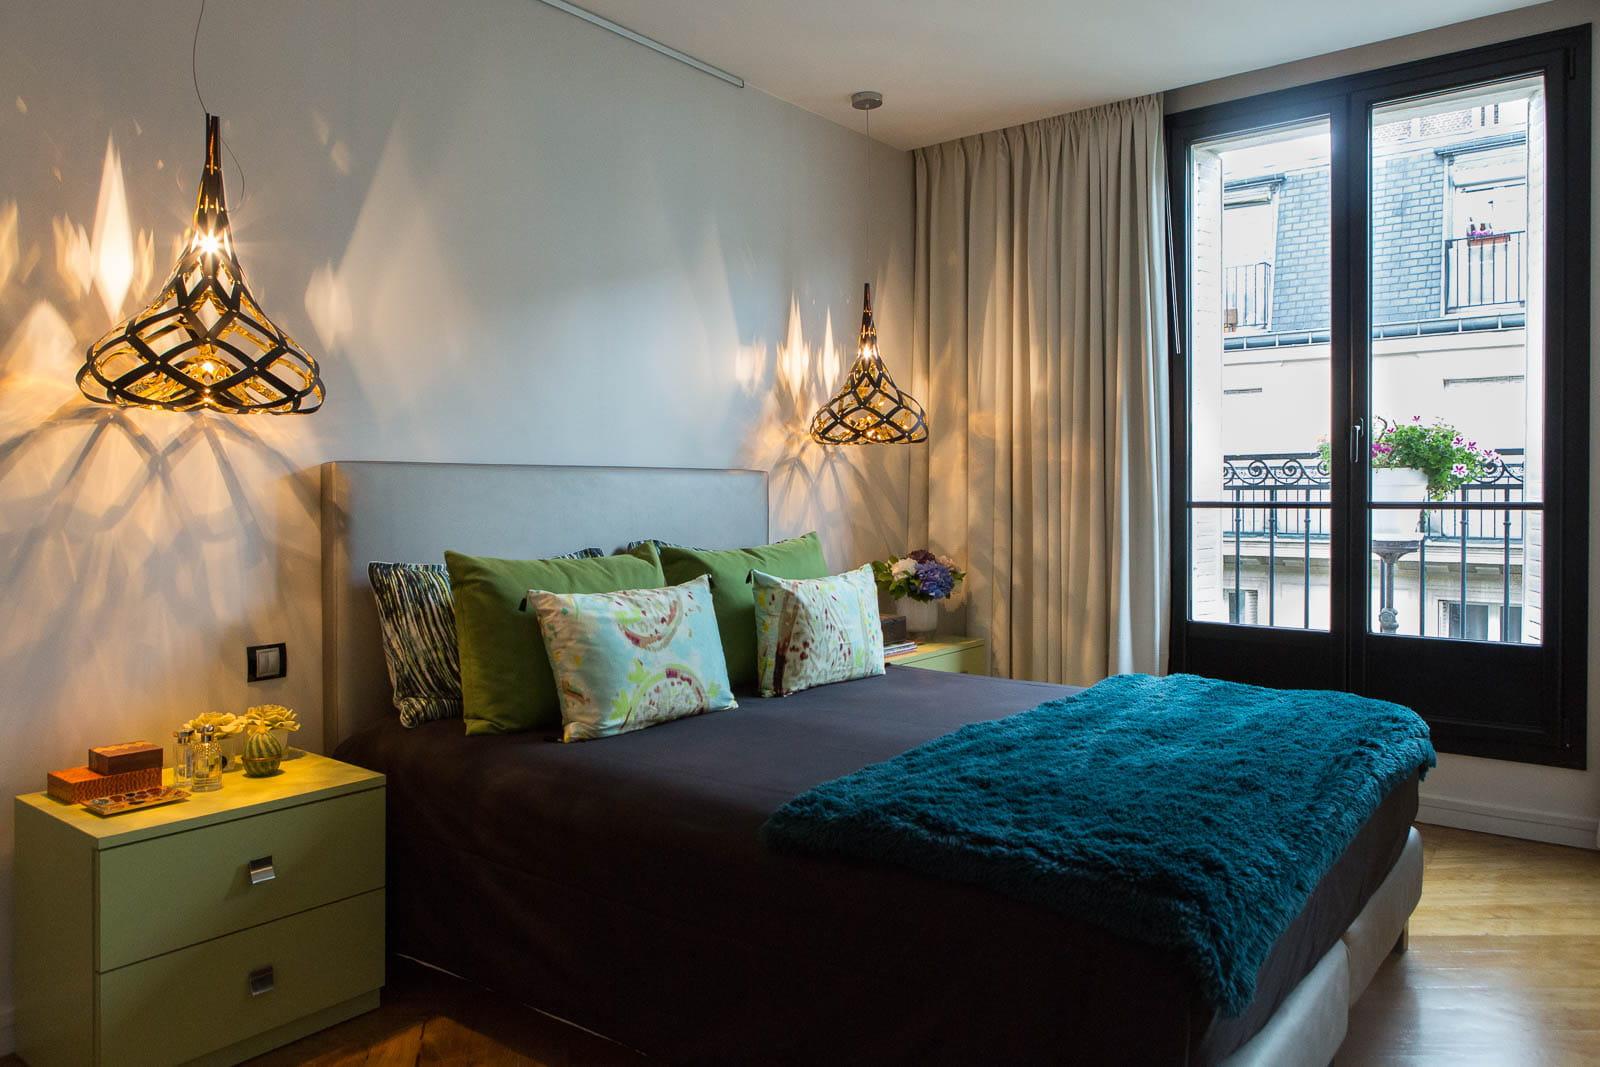 D co en contrastes dans un appartement parisien journal des femmes - Interieur appartement parisien ...